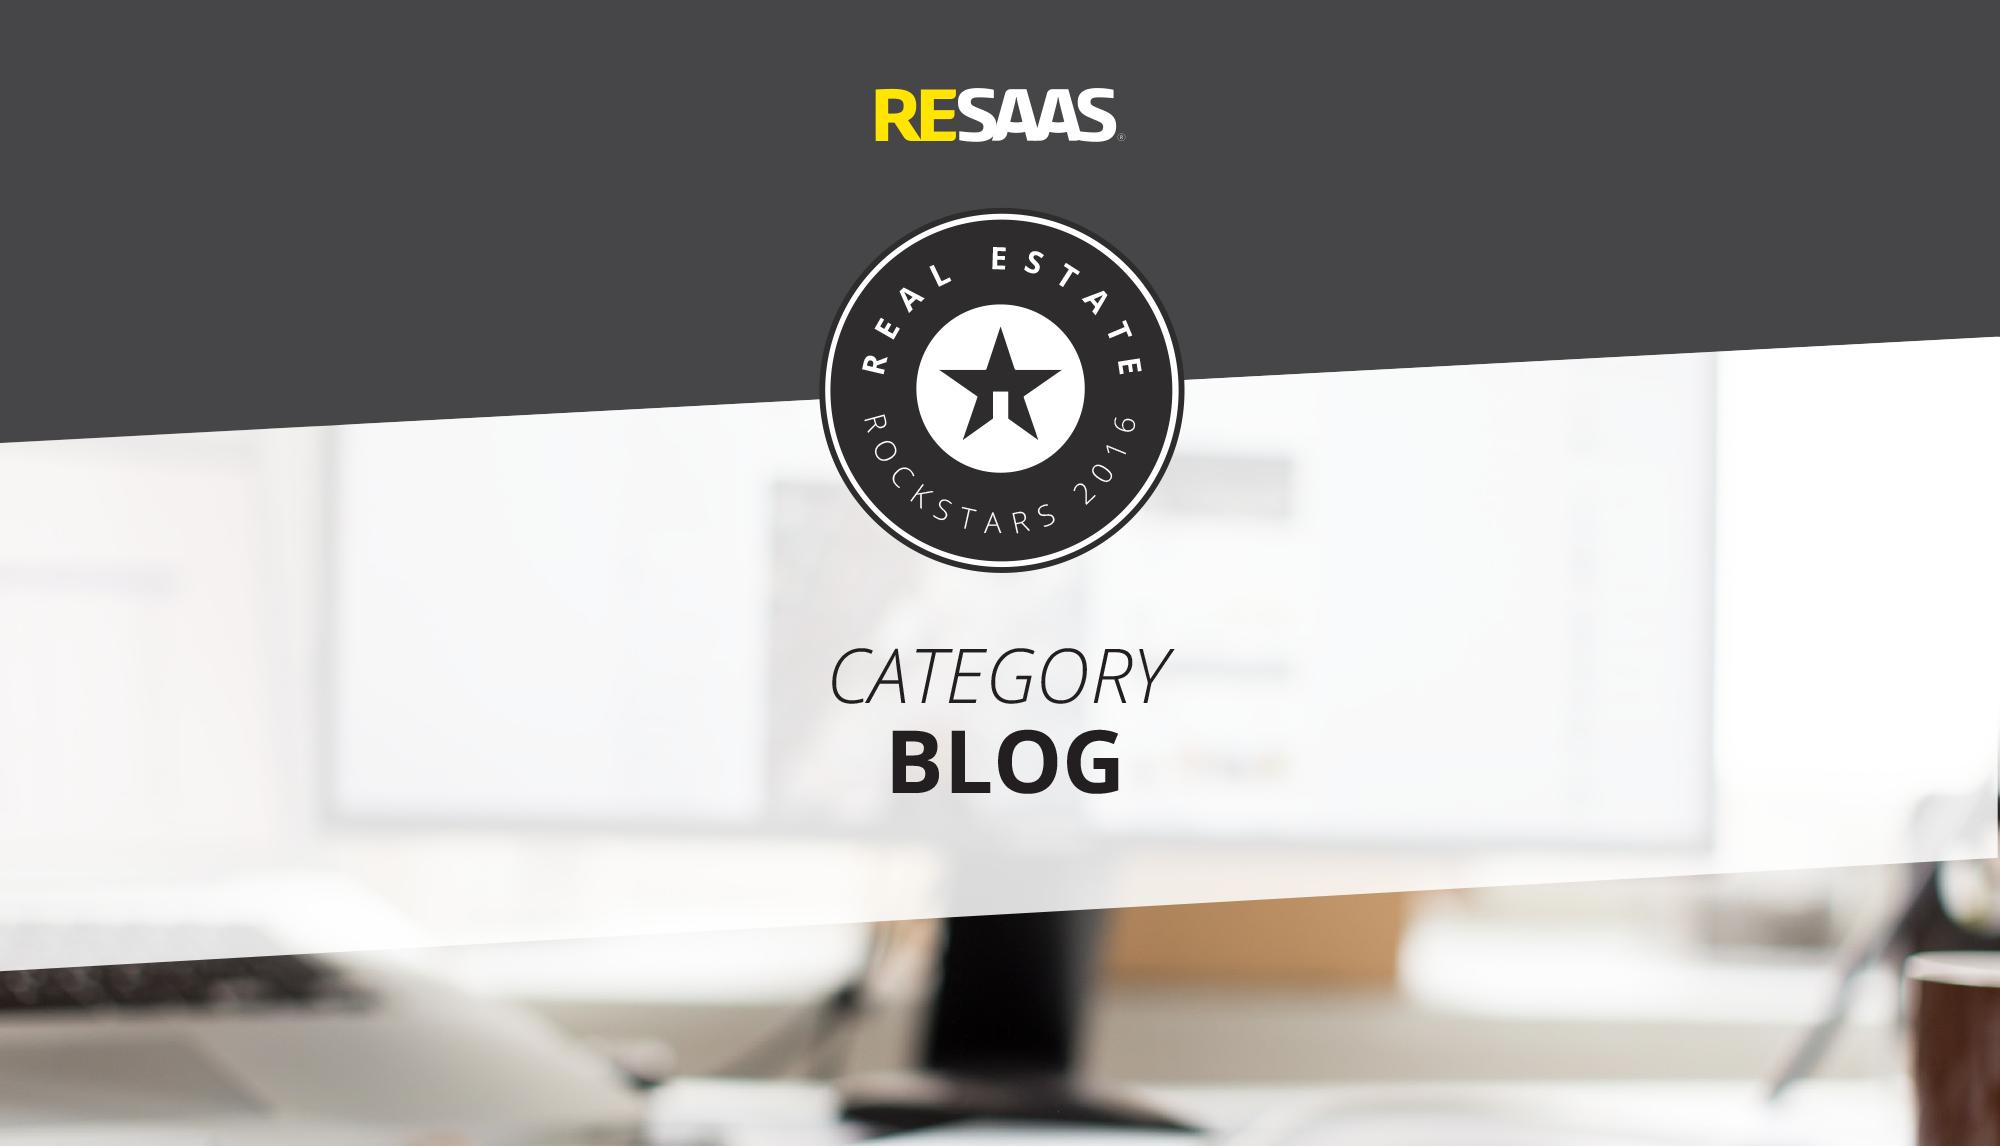 CategoryBlog.png